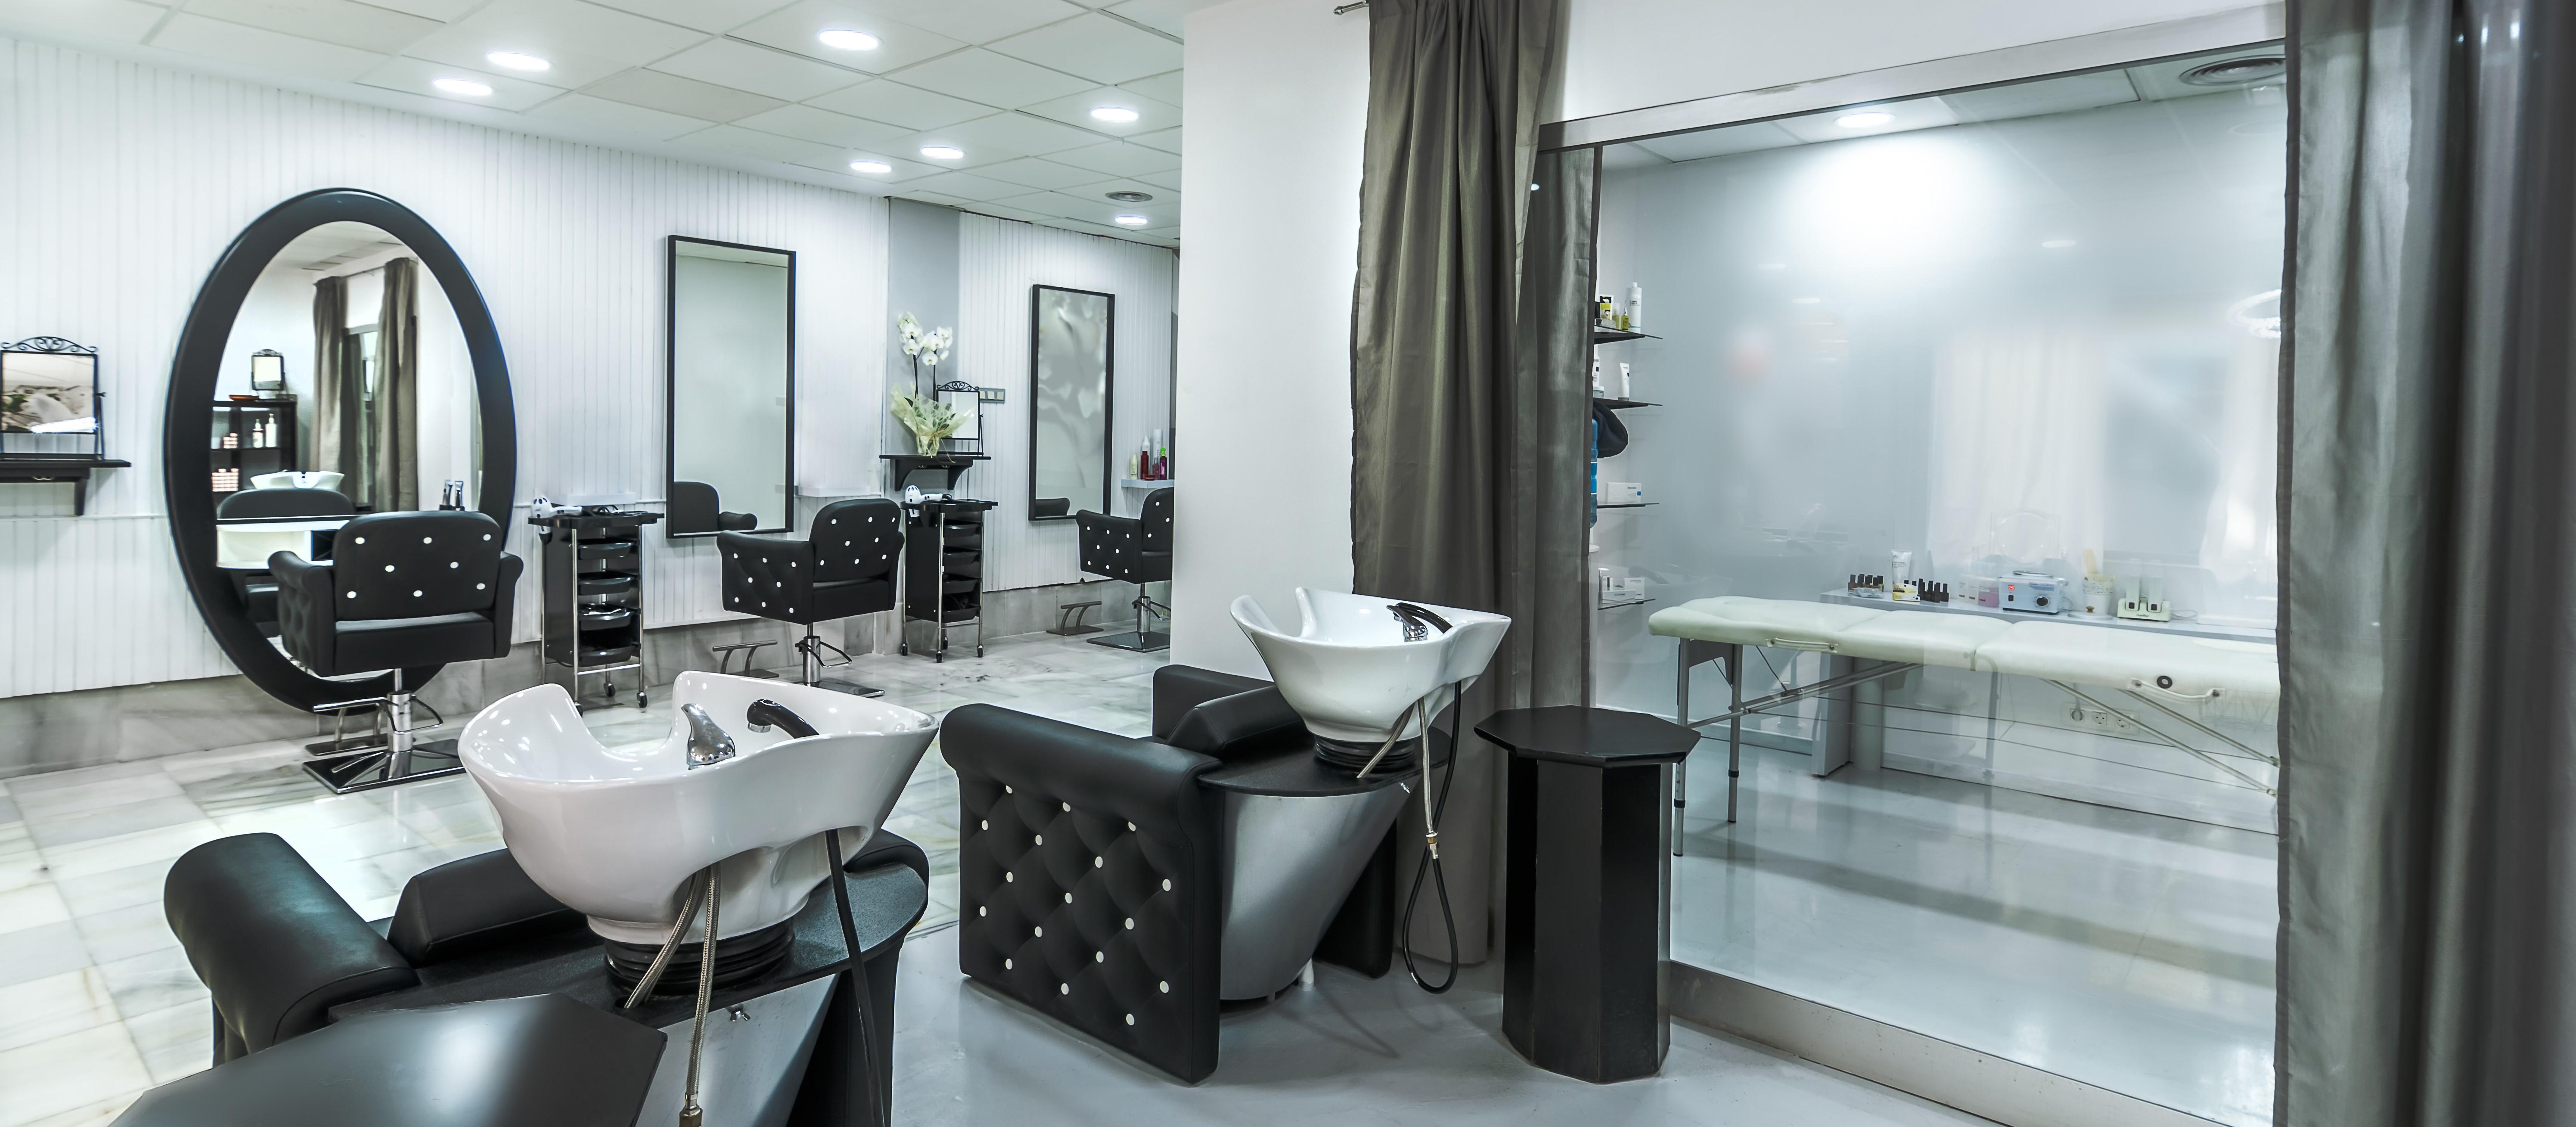 lighting hairdresser beauty salon